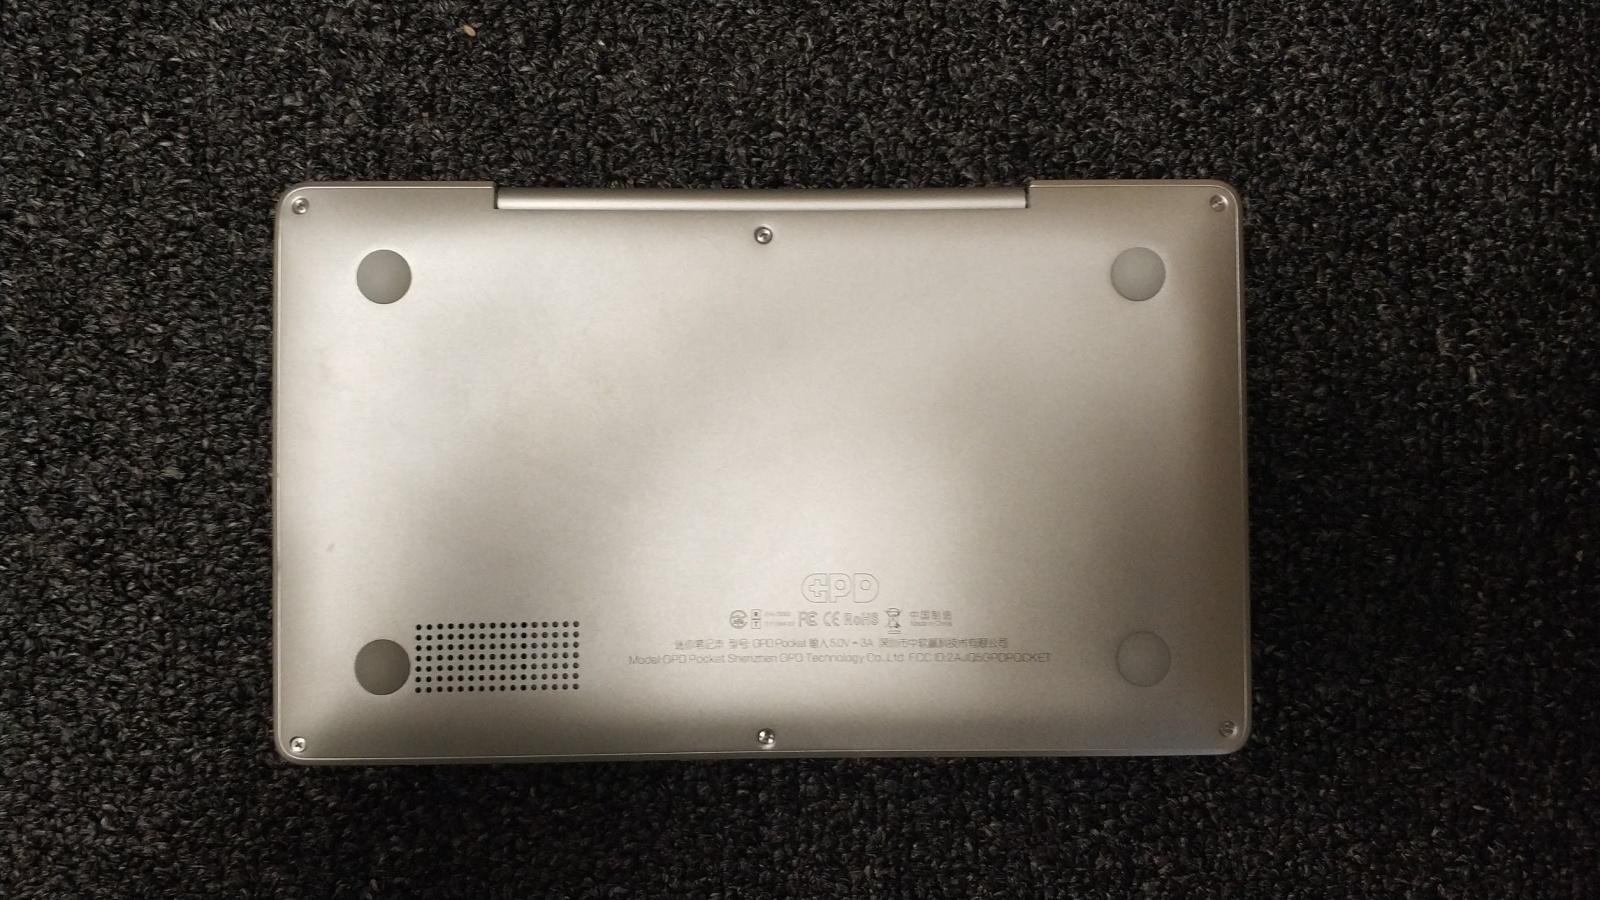 """Обзор миниатюрного 7"""" ноутбук GPD Pocket. Рабочее место сисадмина-программиста в кармане куртки - 3"""